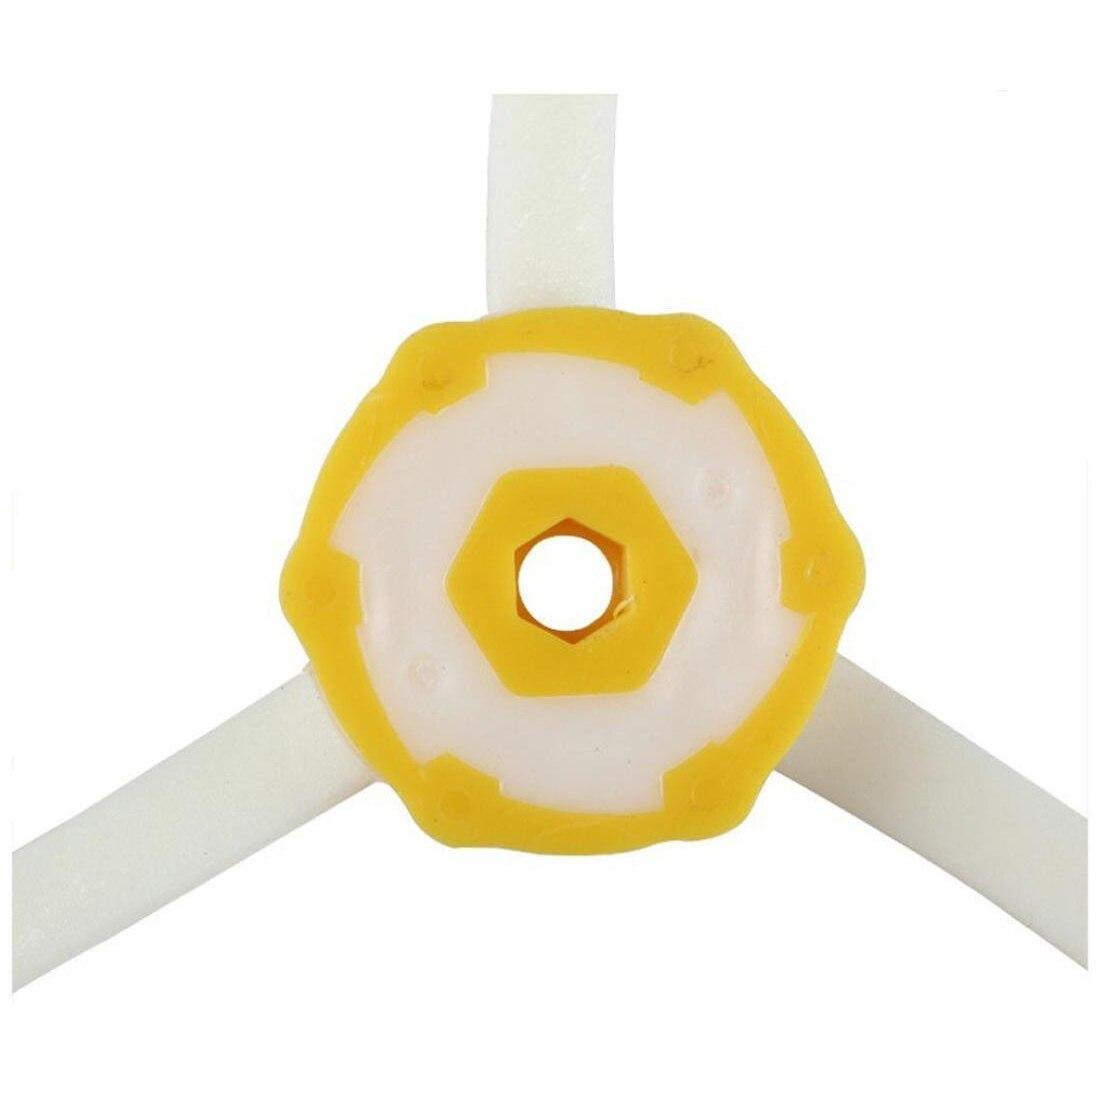 Staubsauger Ersatz Kit Für Roomba Irobot 500 Serie Diskret 3 Stücke Sekundäre Pinsel 52708 500 56708 Drop Verschiffen Hoher Standard In QualitäT Und Hygiene 564